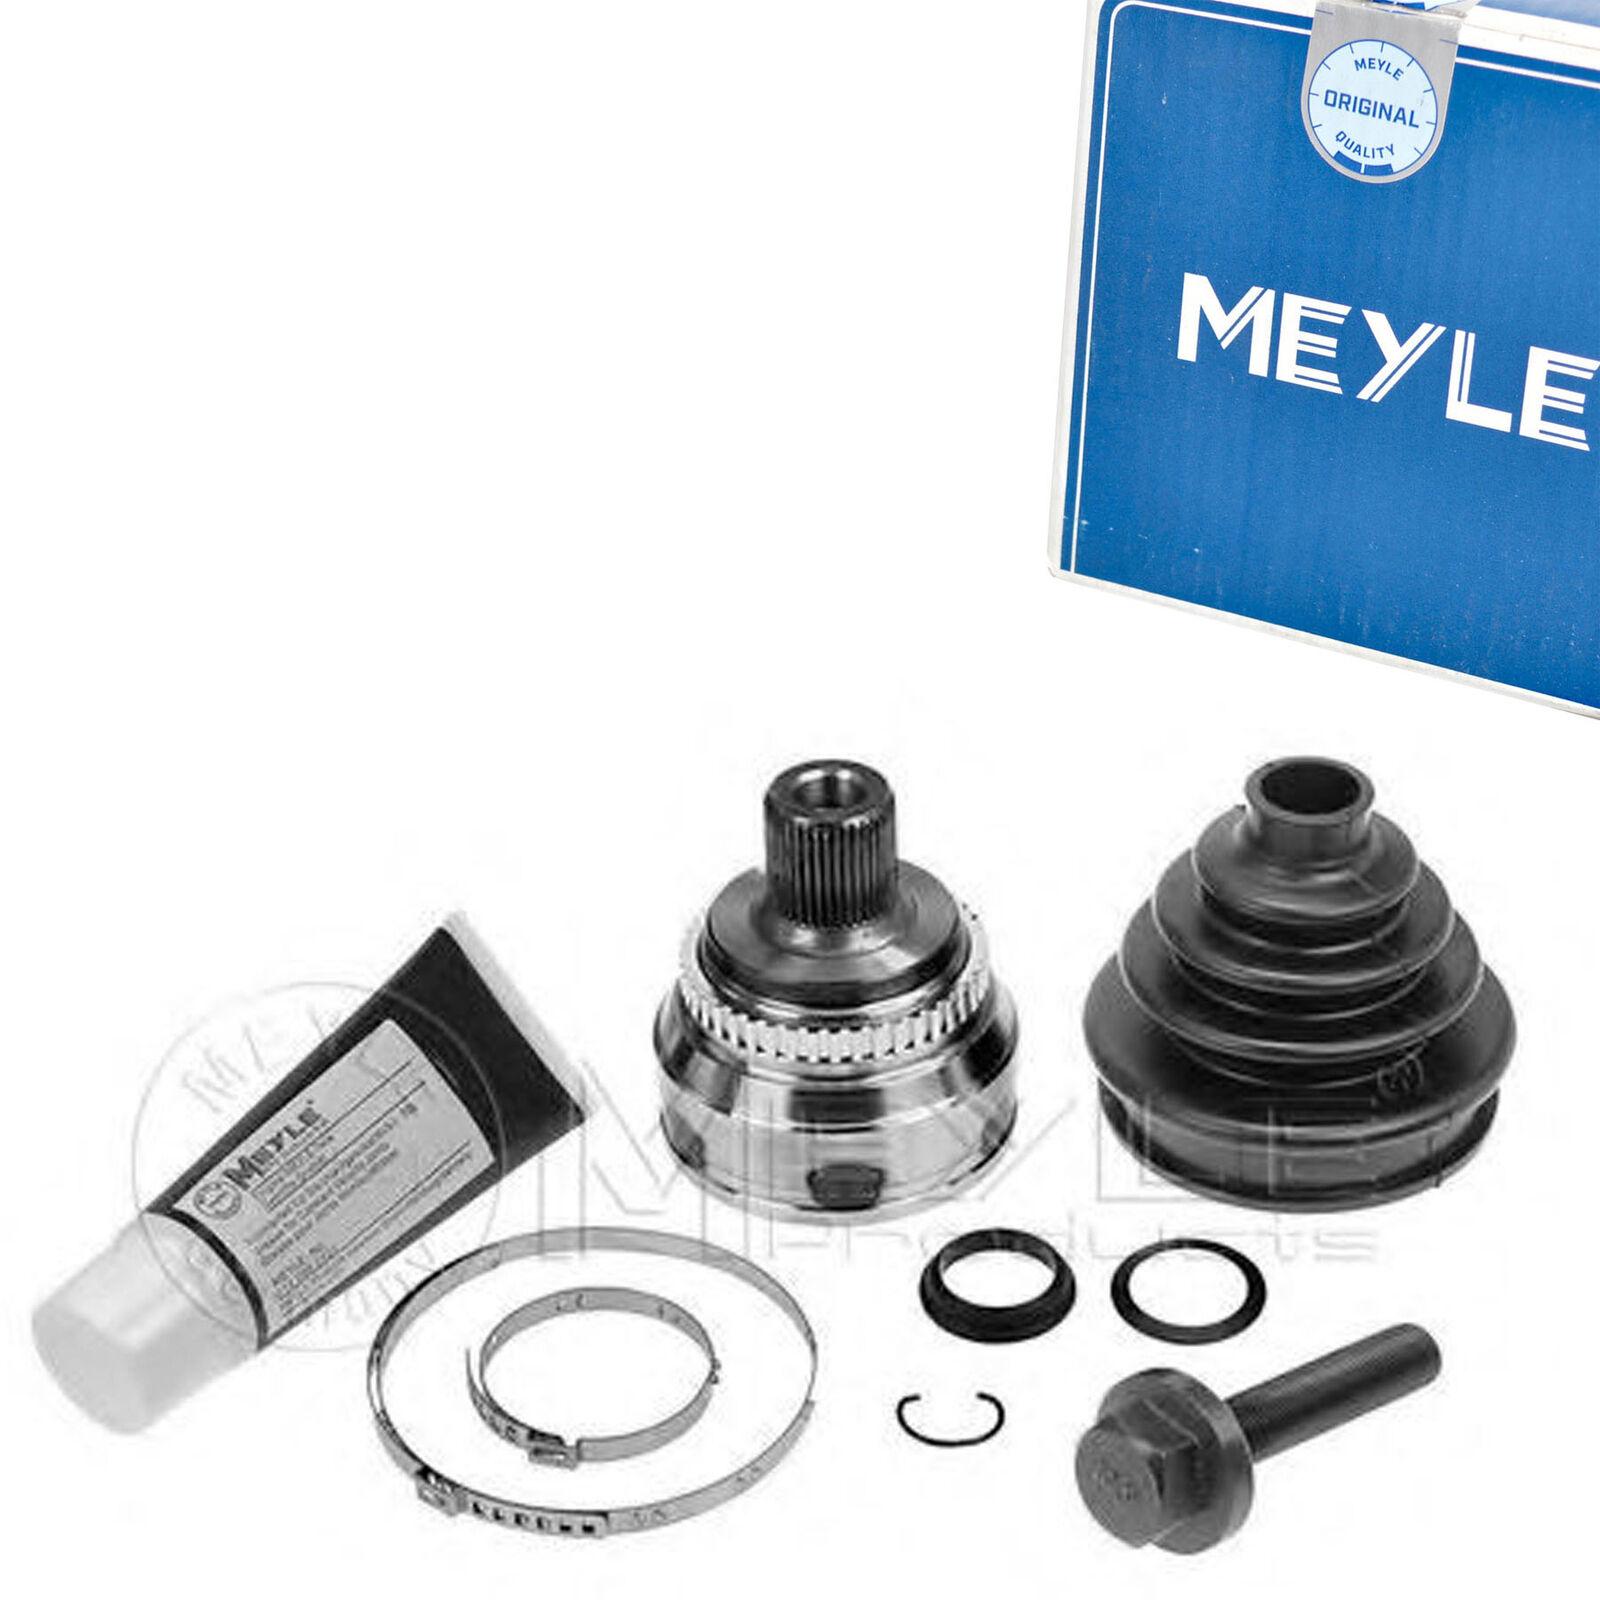 MEYLE 1004980180 Gelenksatz Antriebswelle Radseitig mit ABS-Ring AUDI A4 A6 VW